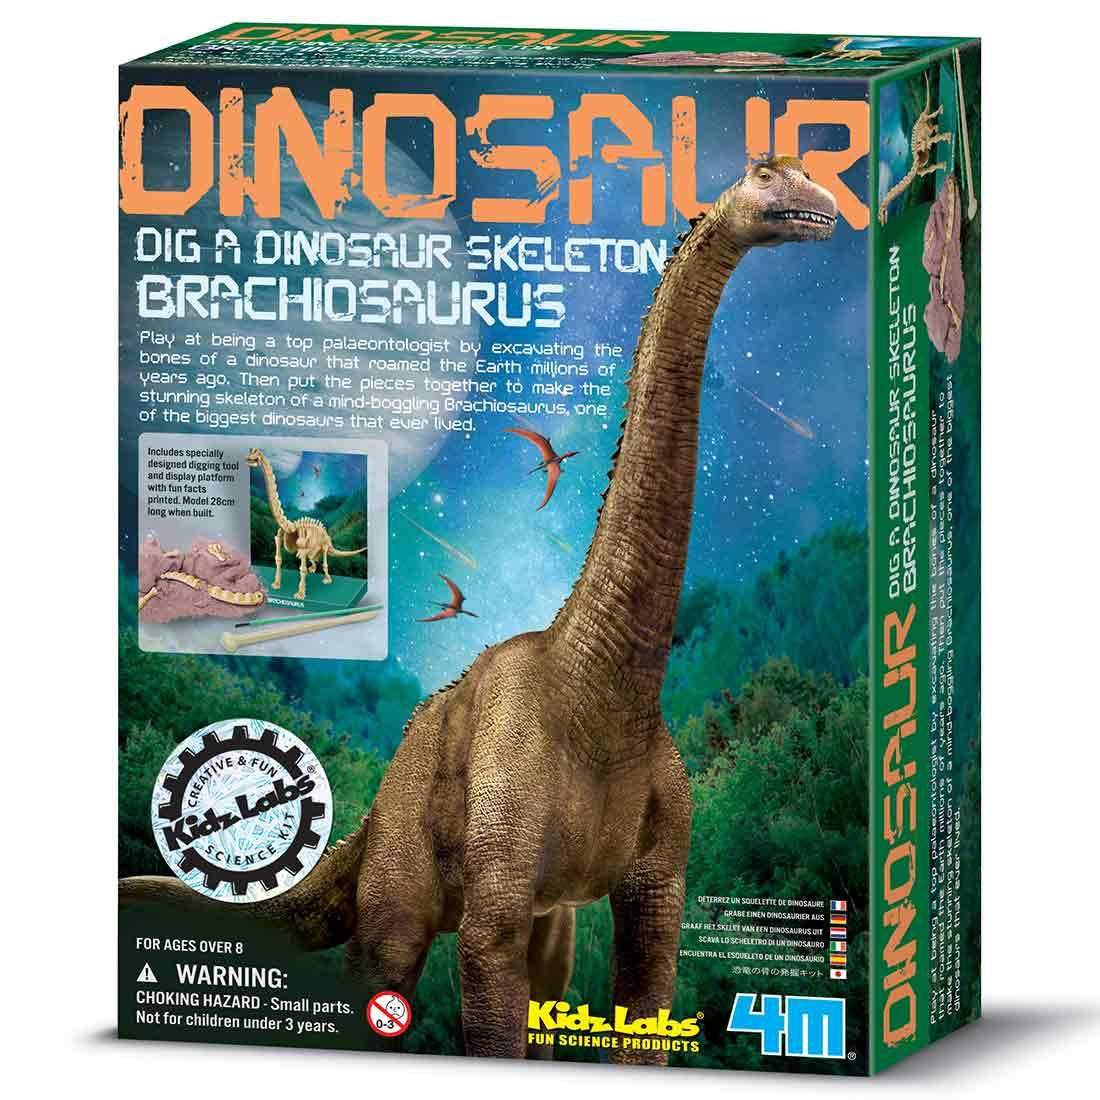 חפירת שלד דינוזאור Brachiosaurus ערכת ארכאולוגיה לילדים